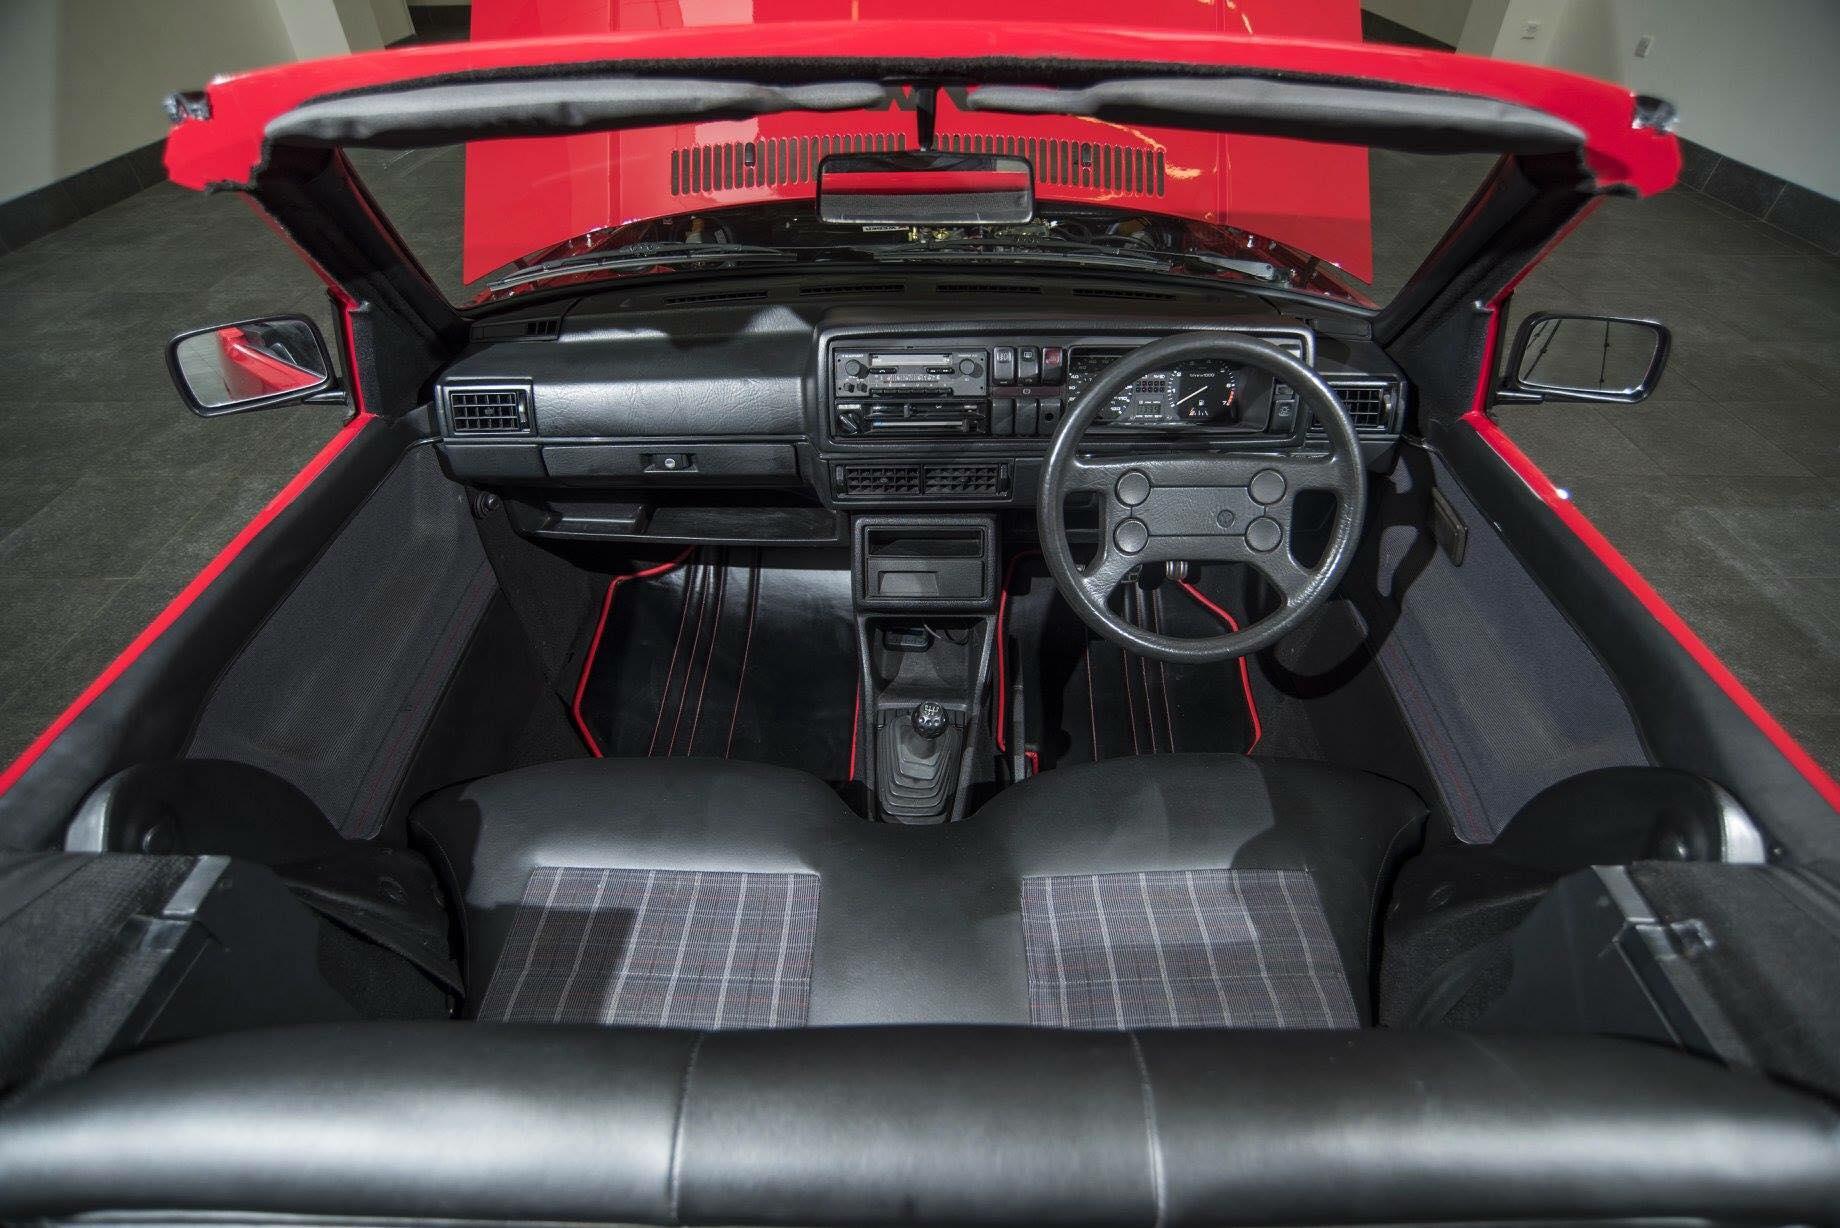 British Garage Converts Volkswagen Golf 2 GTI To Very